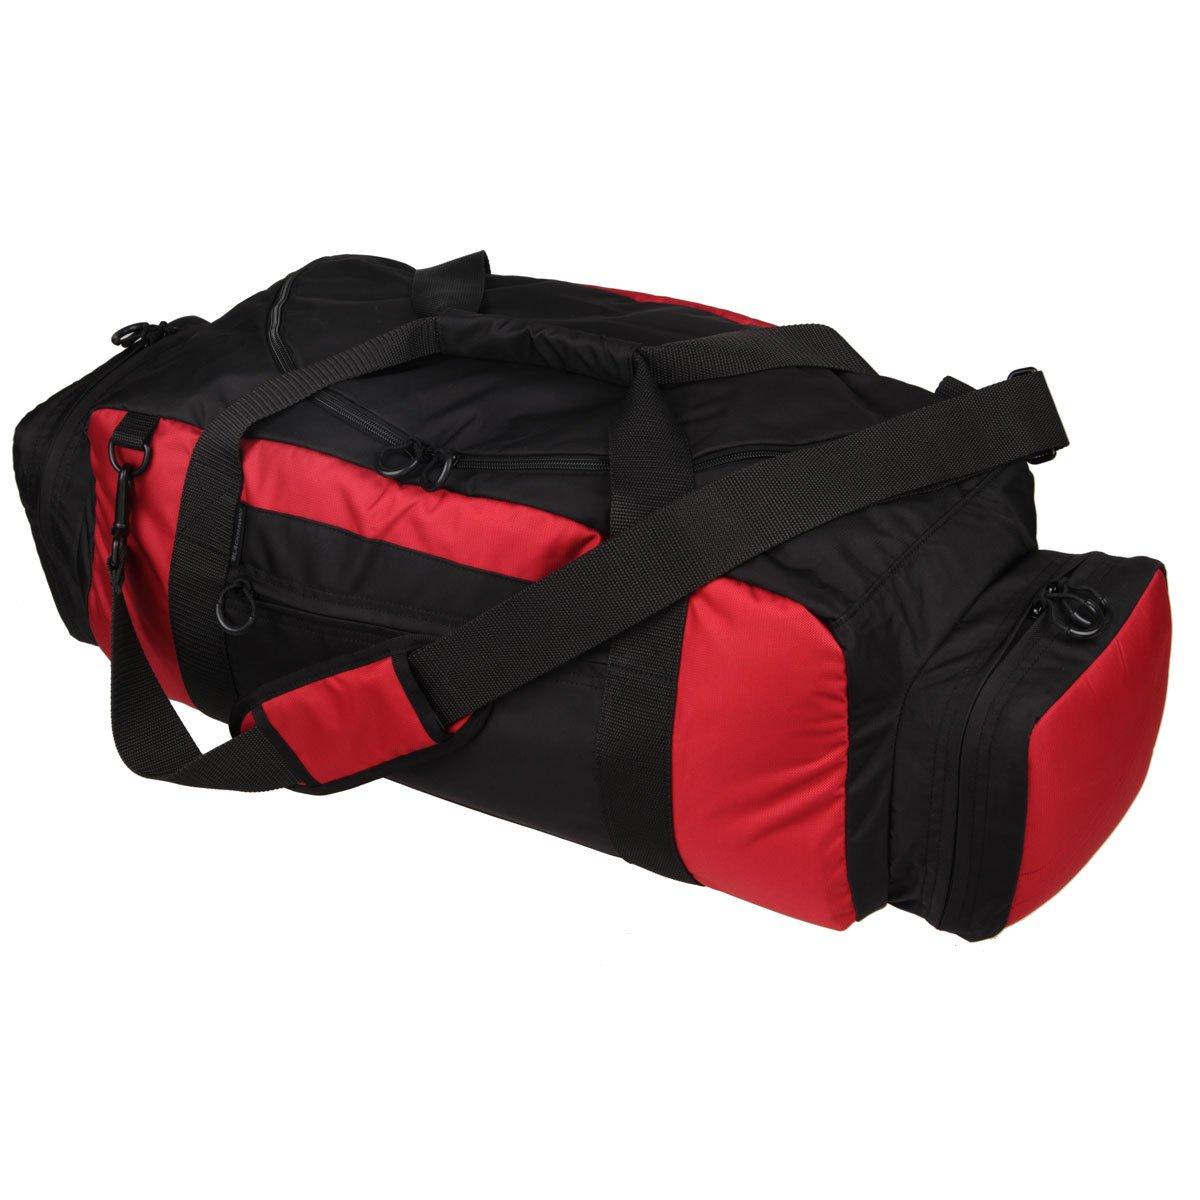 BLACKHAWK Diversion Carry Workout Bag 2T Blk//Red